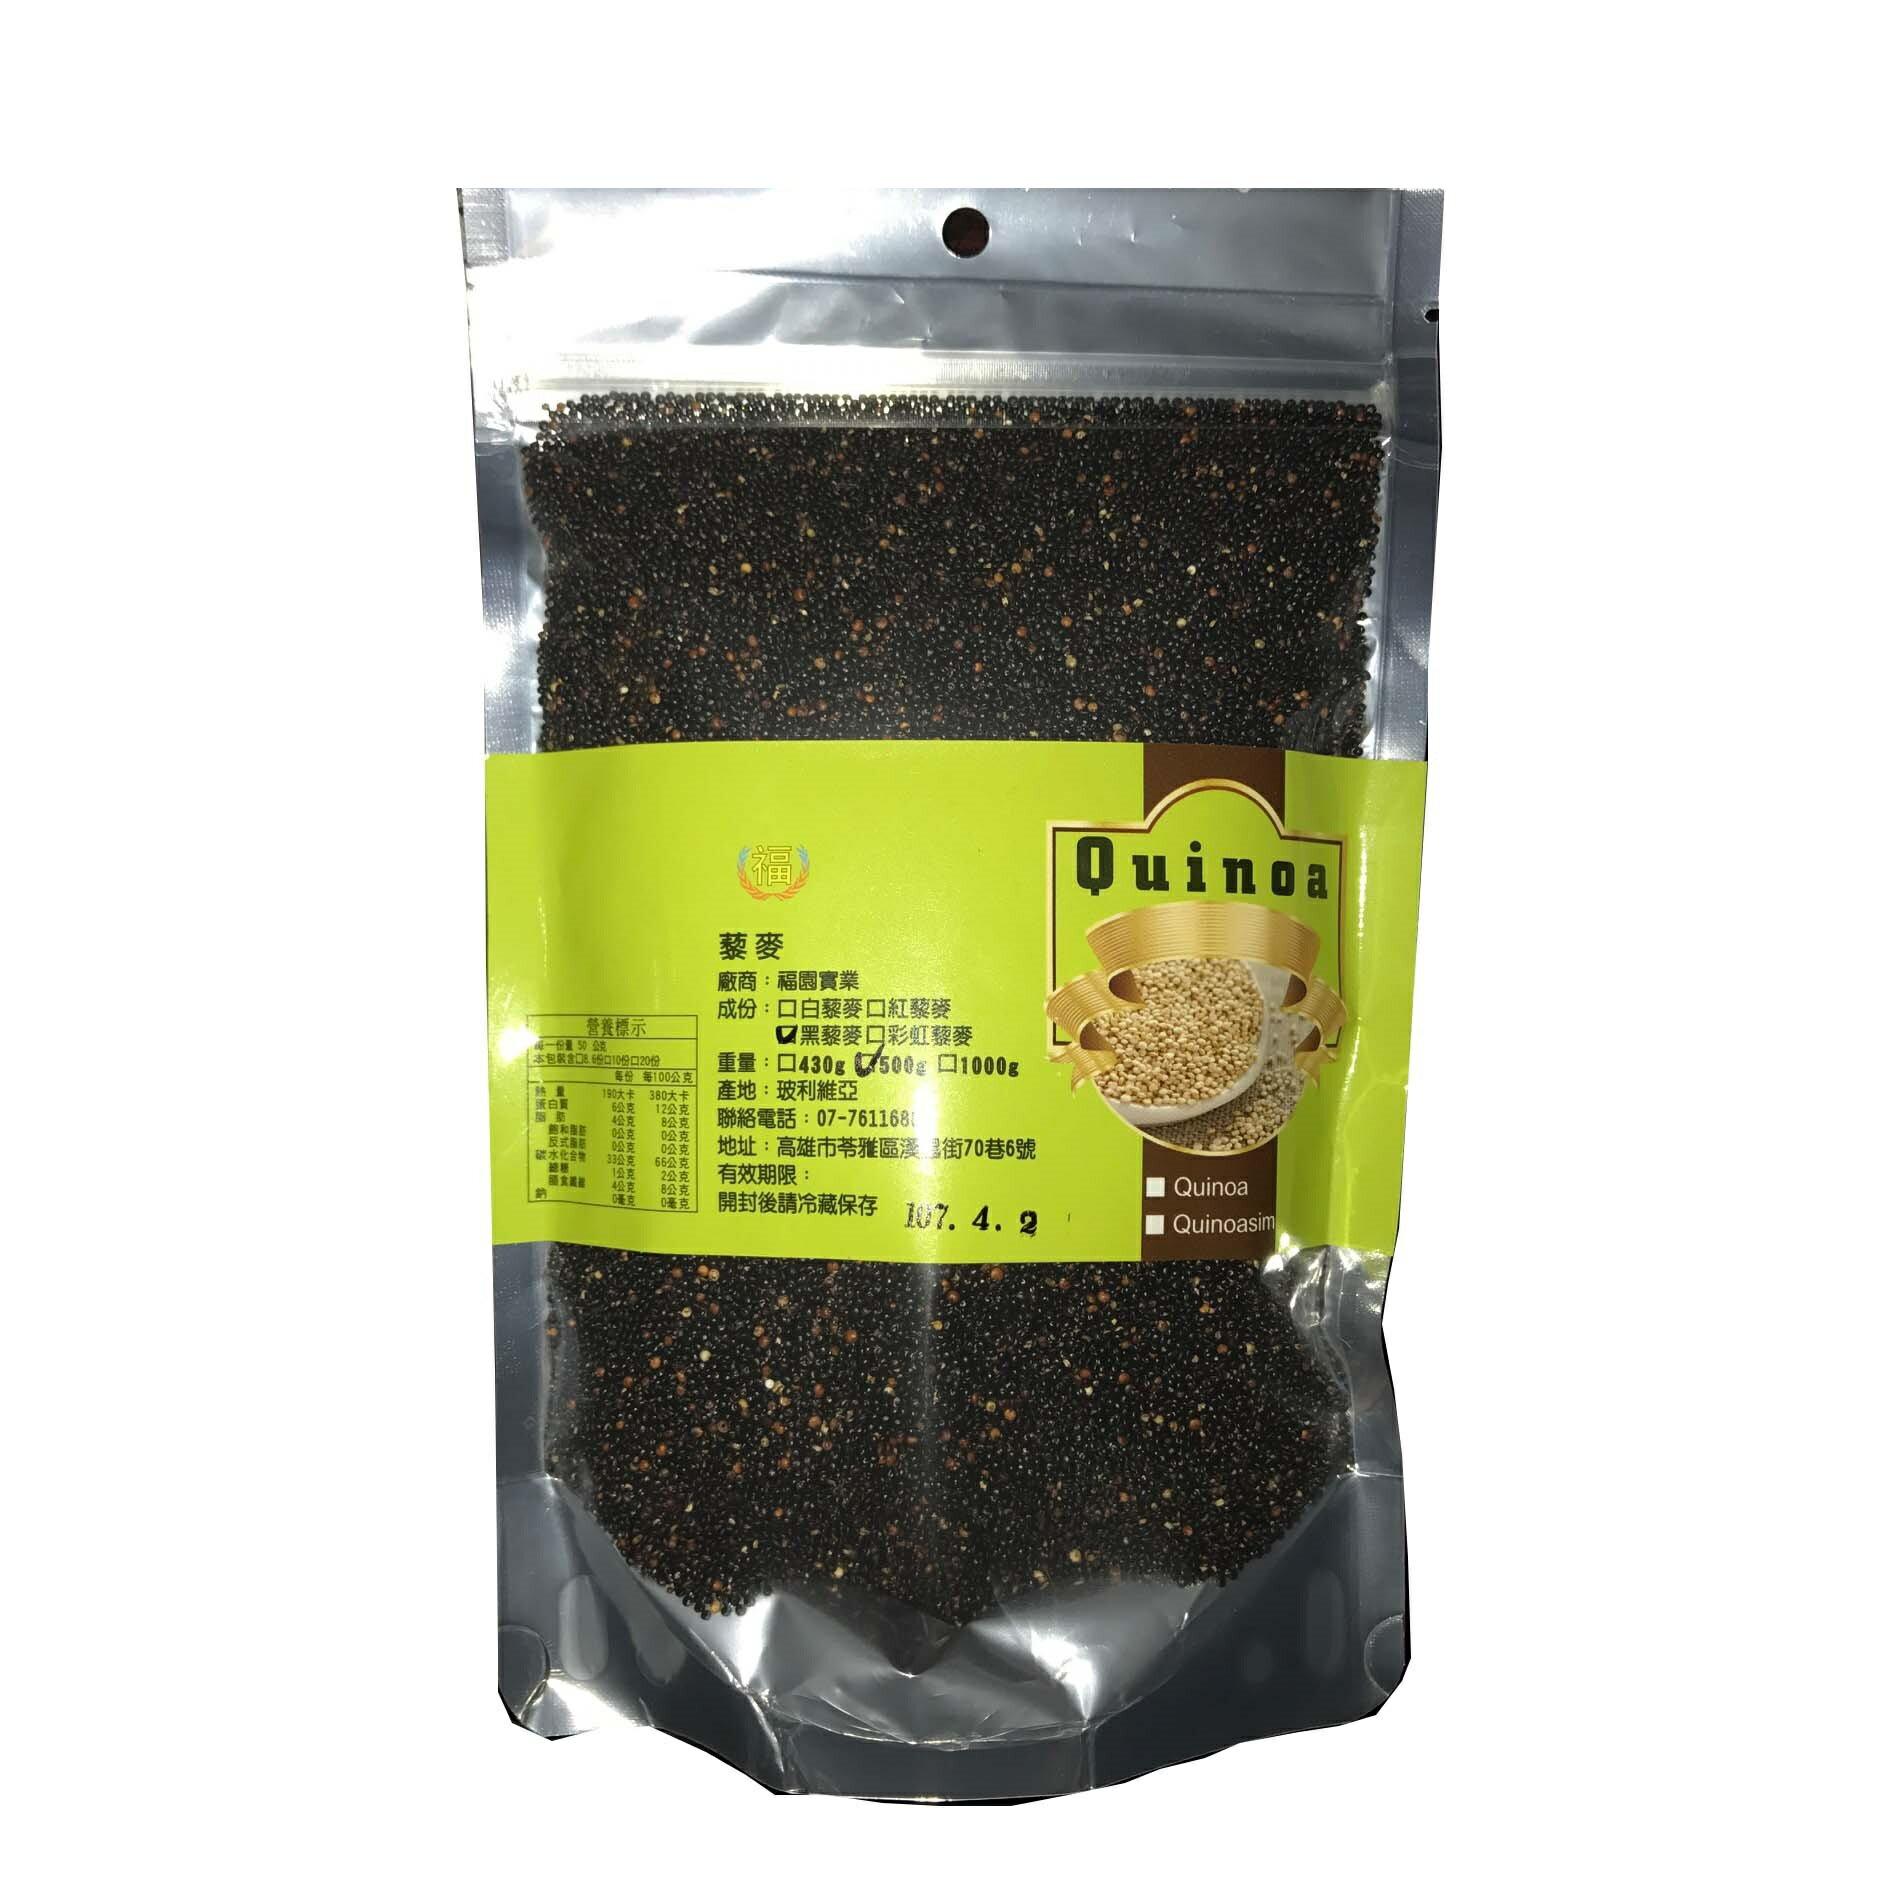 美纖有機藜麥粒 QUINOA 高原印加麥(黑色/紅色/原色/彩虹) 500g